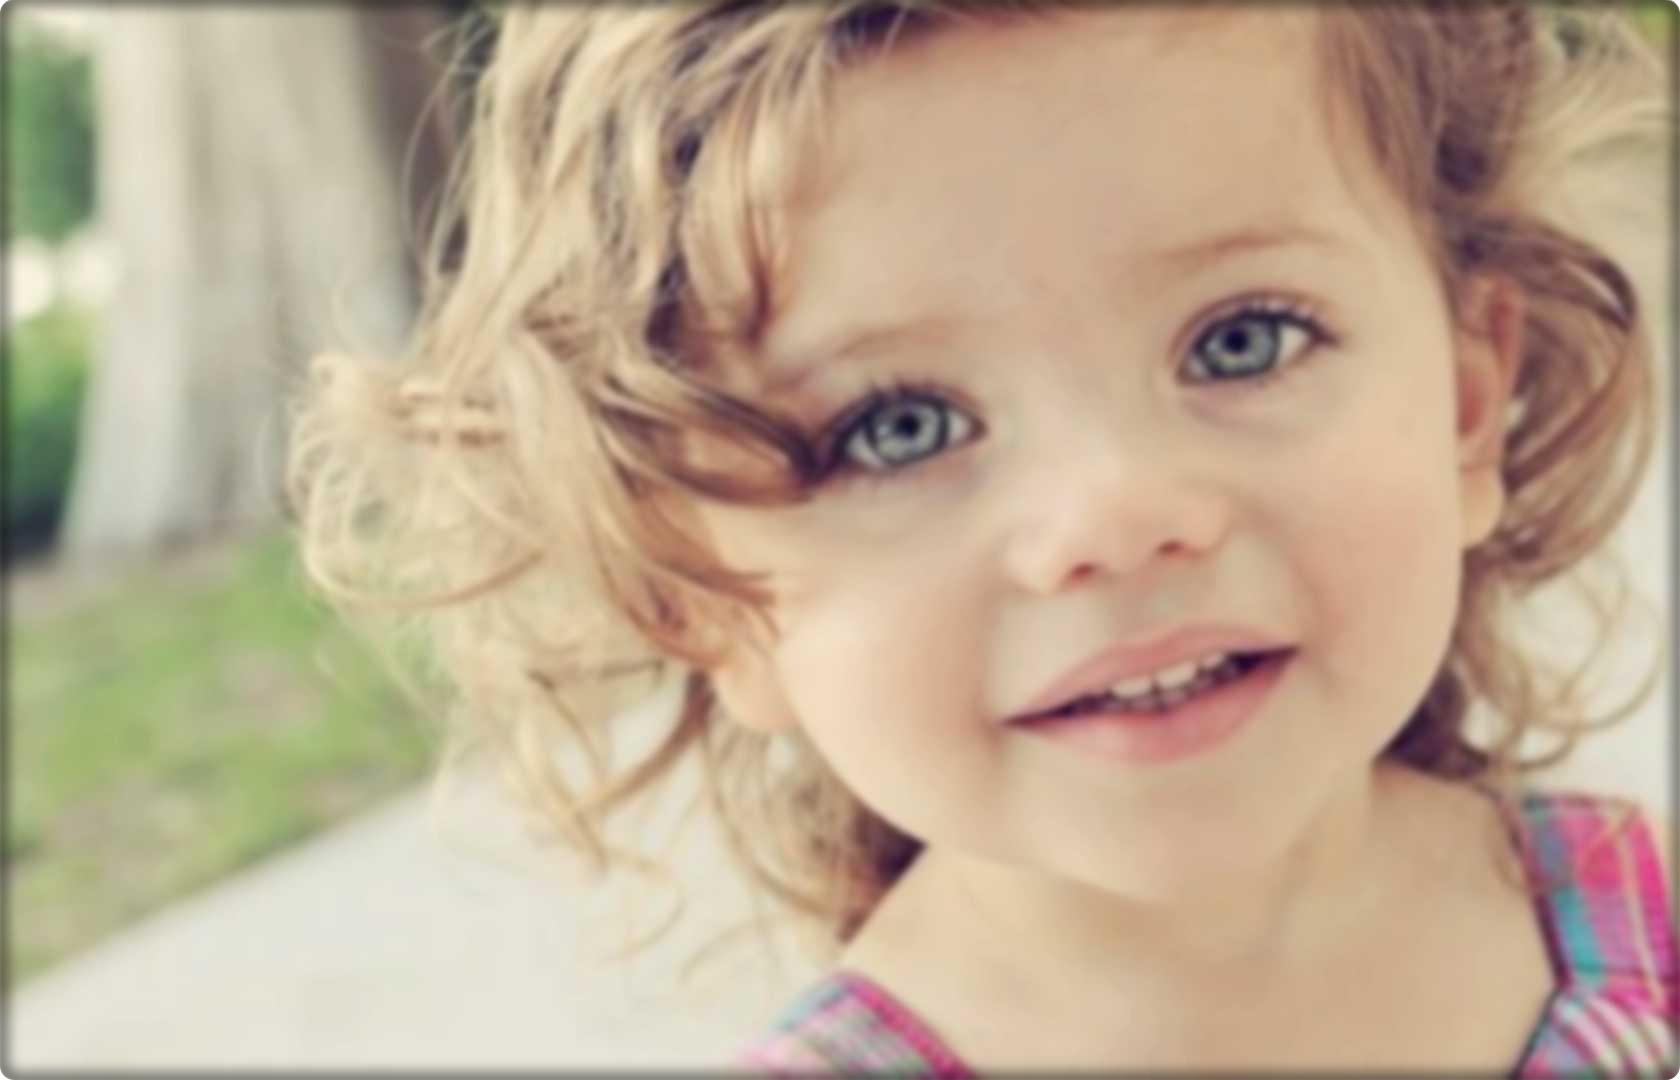 صوره صور بنات صغار حلوين , كروت اطفال لاجمل الفتيات